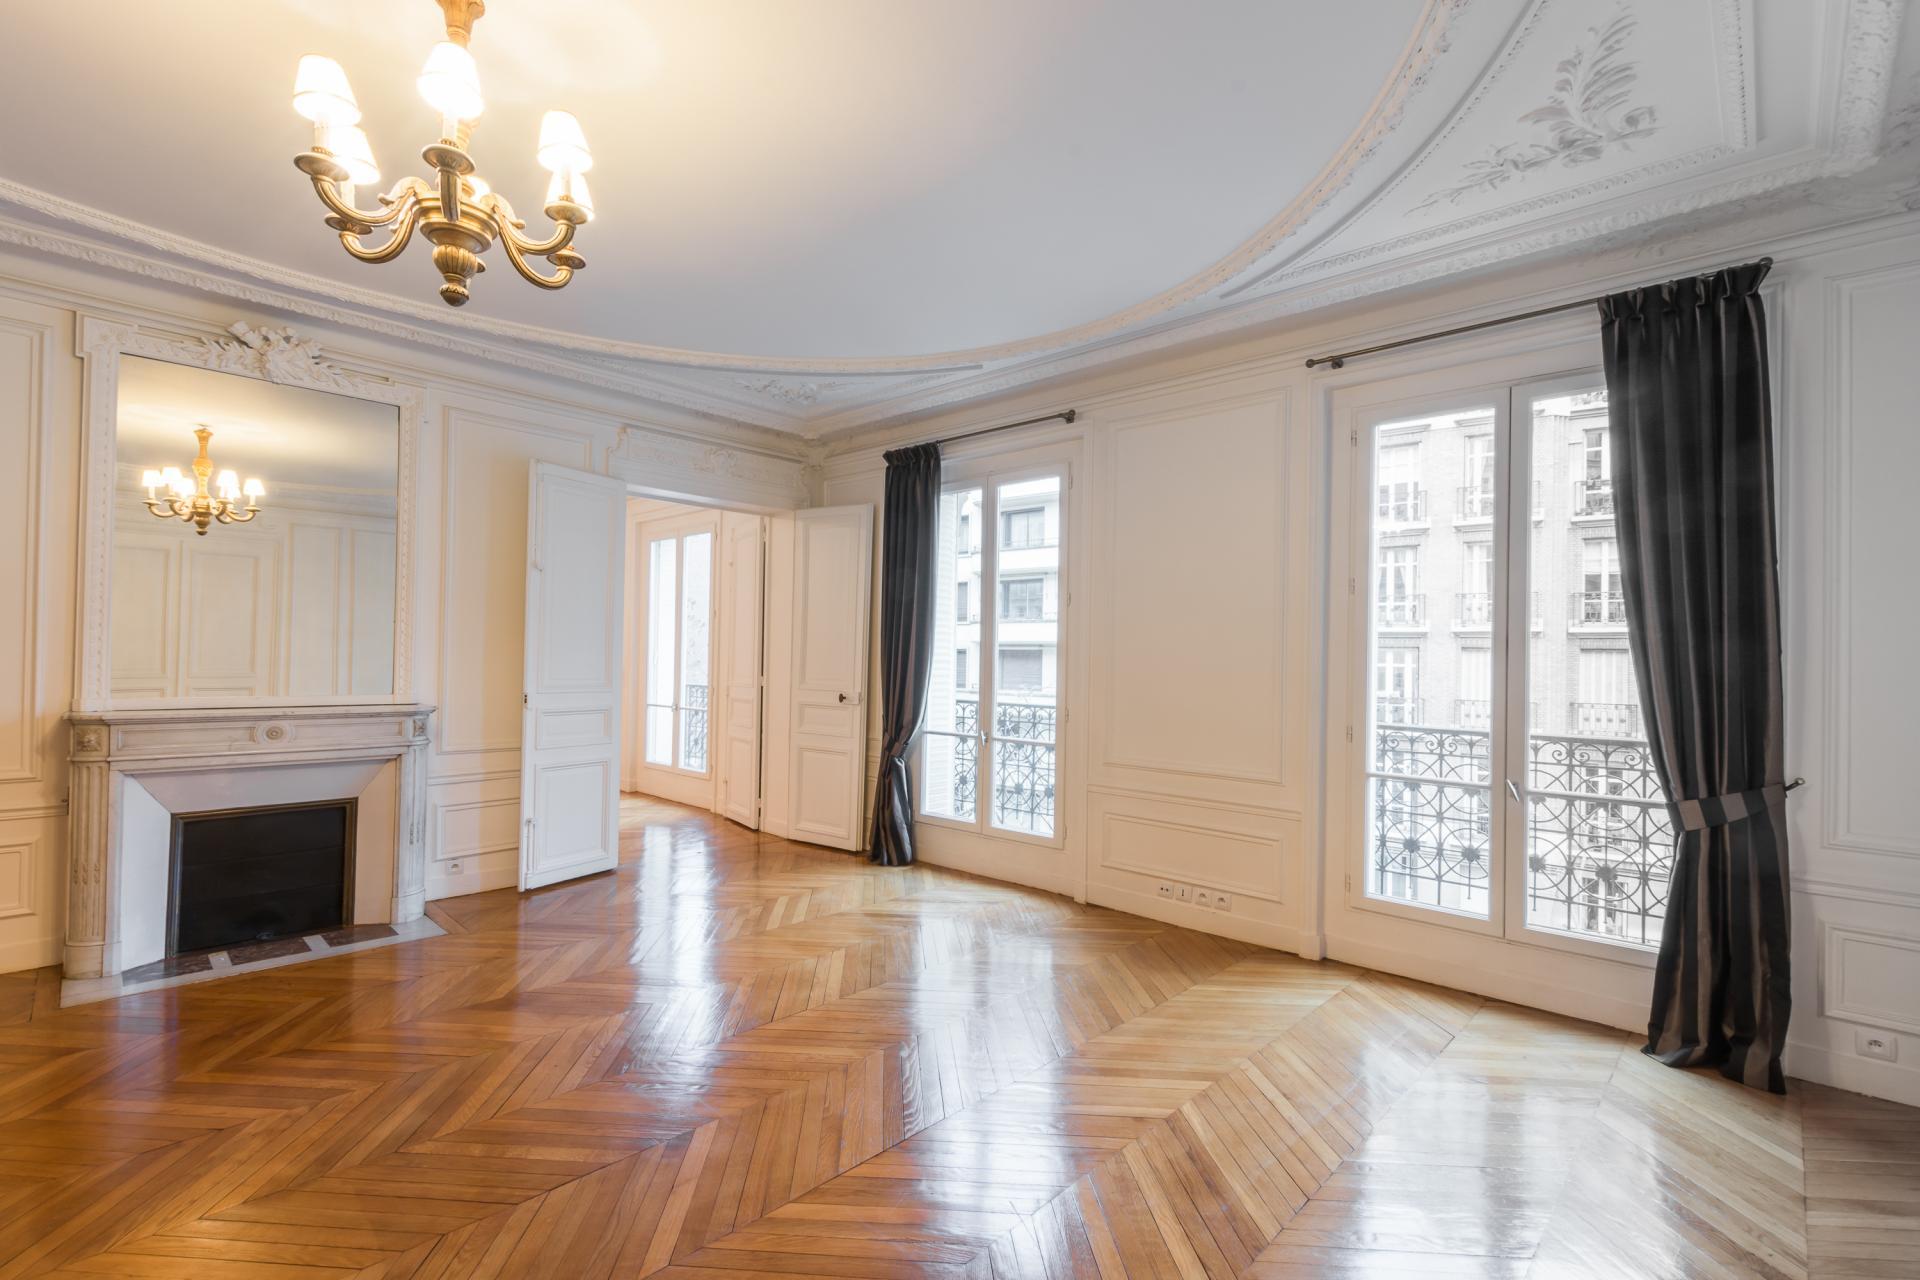 PARIS 16 eme  La Muette - A vendre  appartement haussmannien  3 ème étage 165 m² très bon état -  clair -  sur large avenue